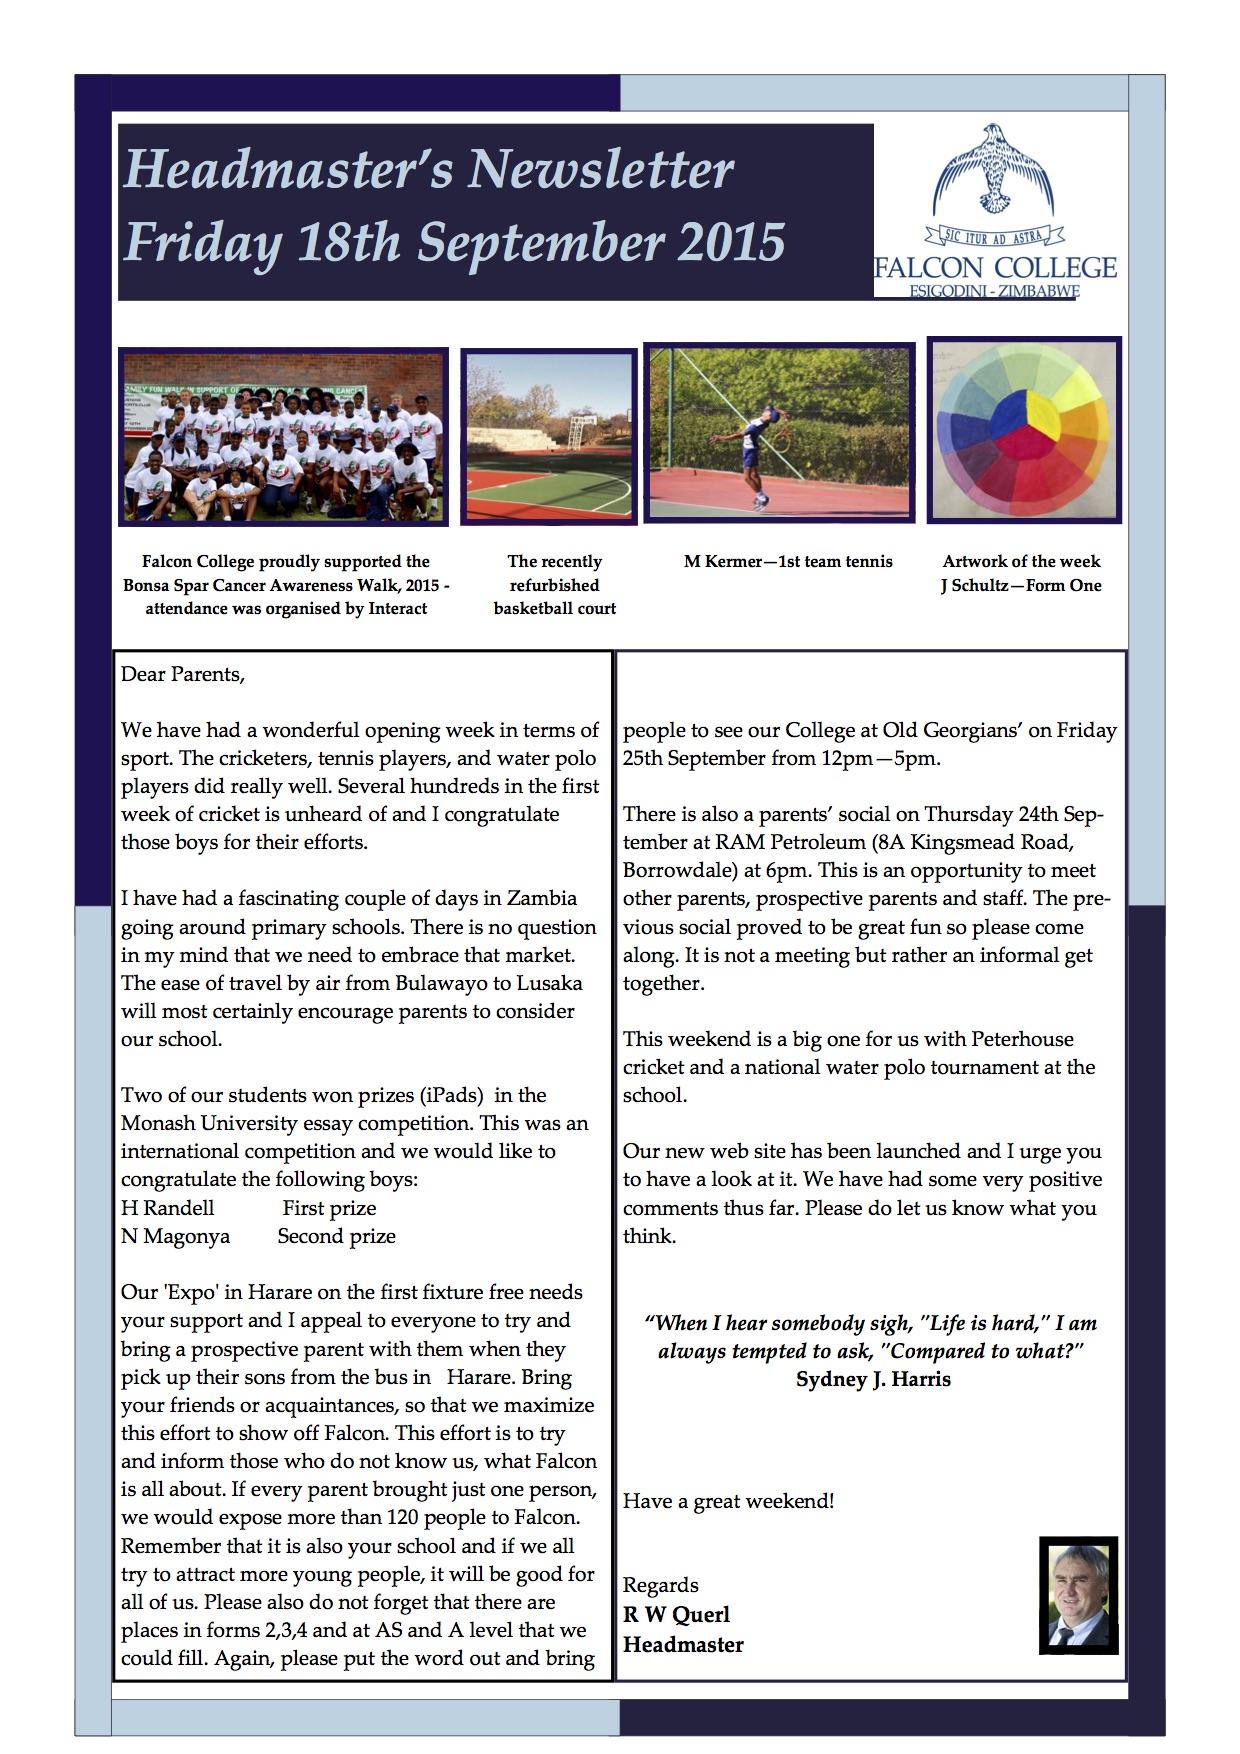 Headmaster's Newsletter Fri 18th Sept 2015 edited